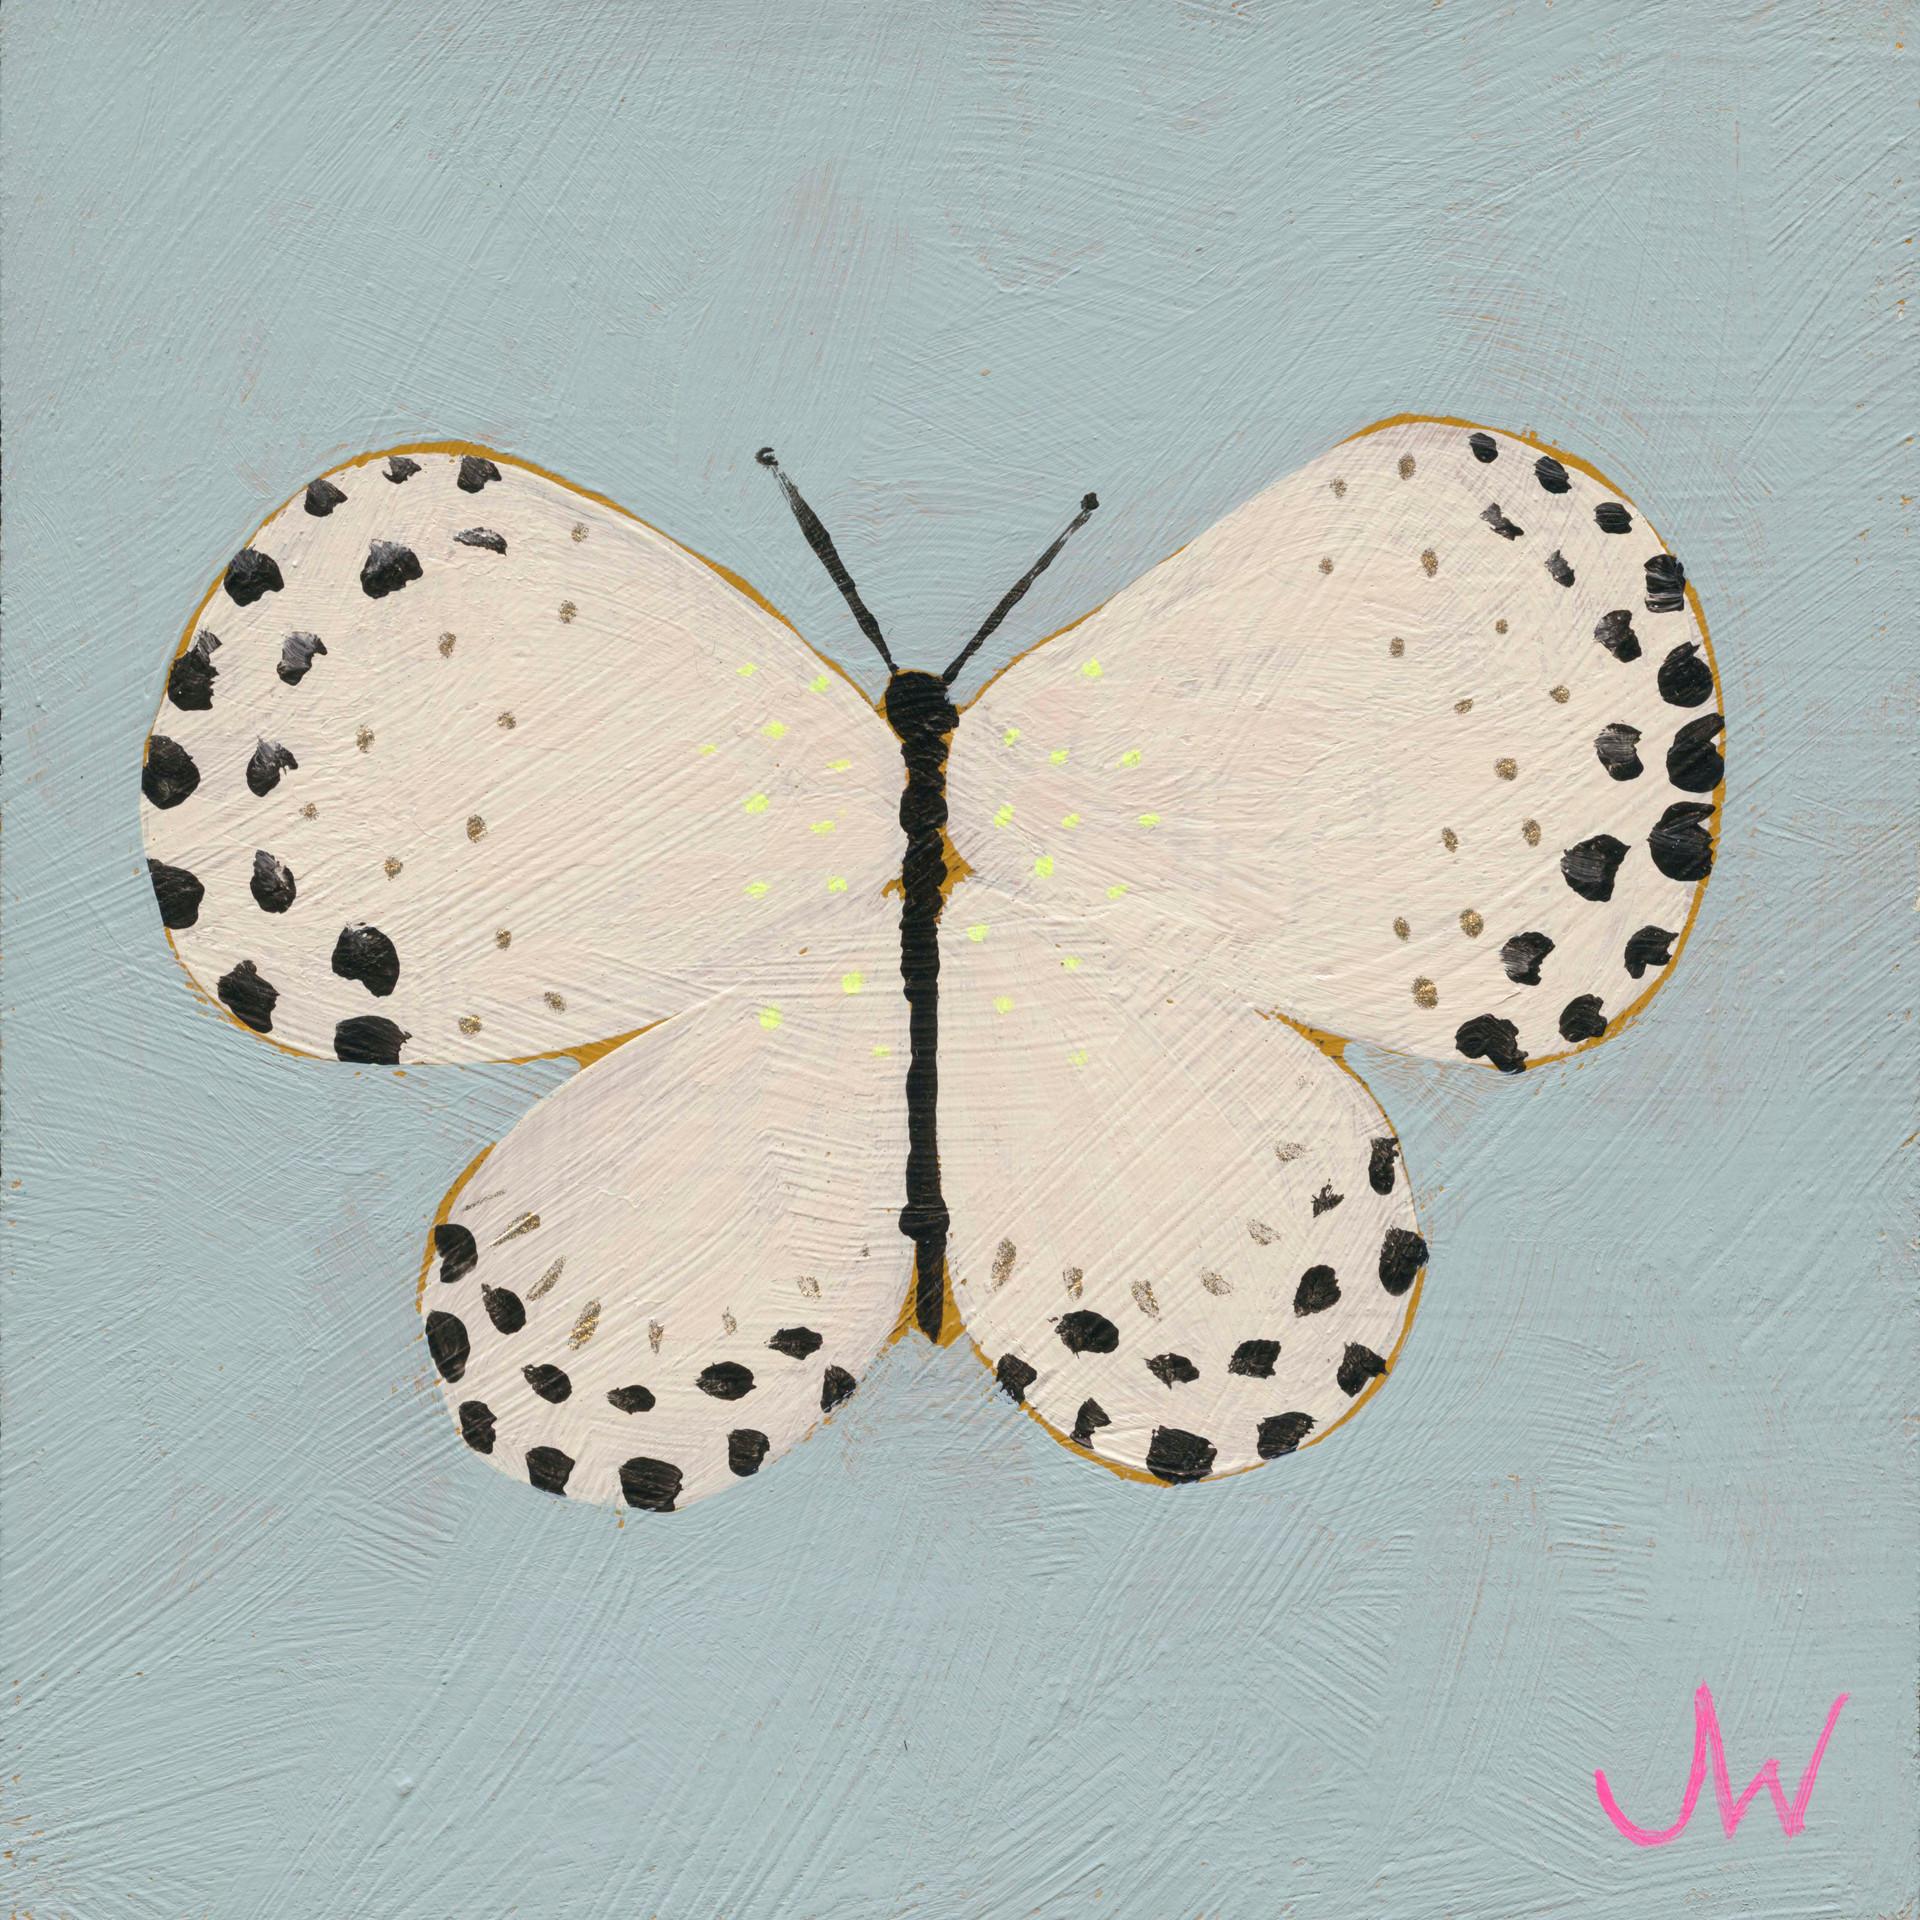 JW Butterfly 9.jpg